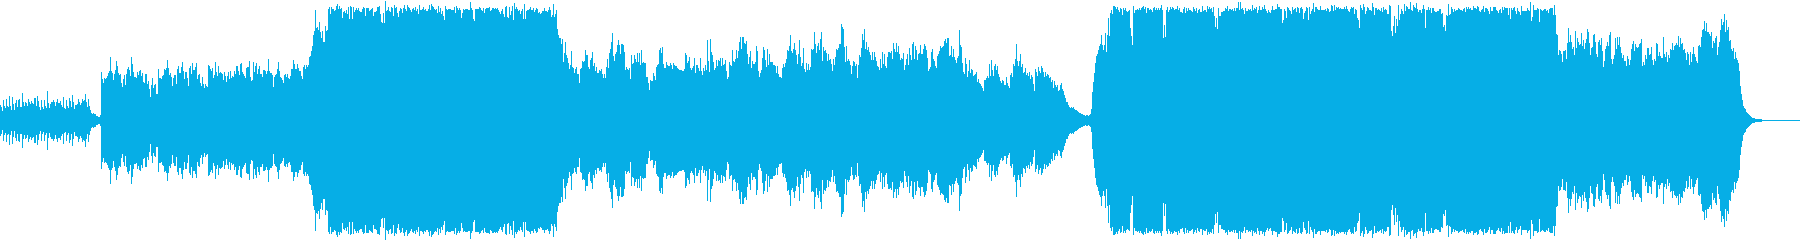 壮大で切ないファンタジーオーケストラの再生済みの波形